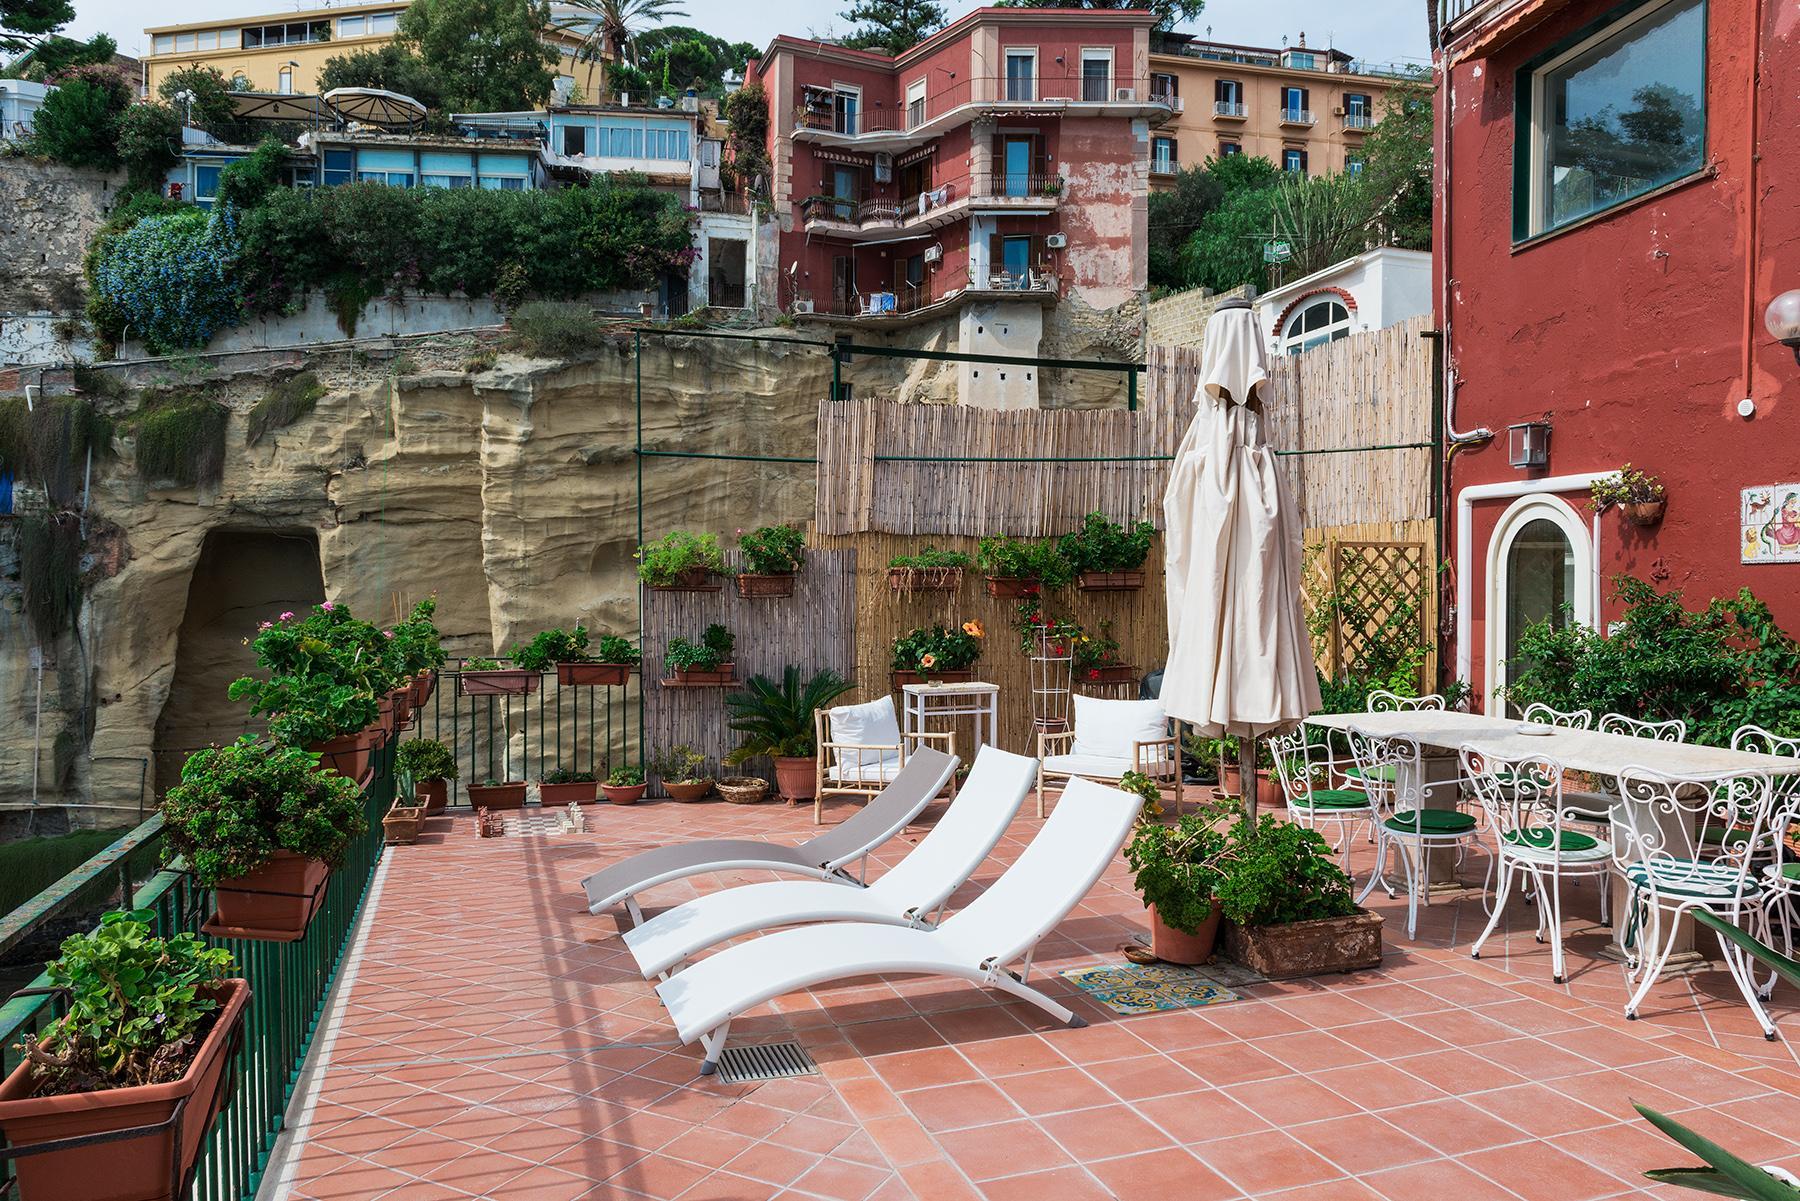 Первая линия моря! Потрясающие апартаменты в старинной вилле в Неаполе, Италия - 39